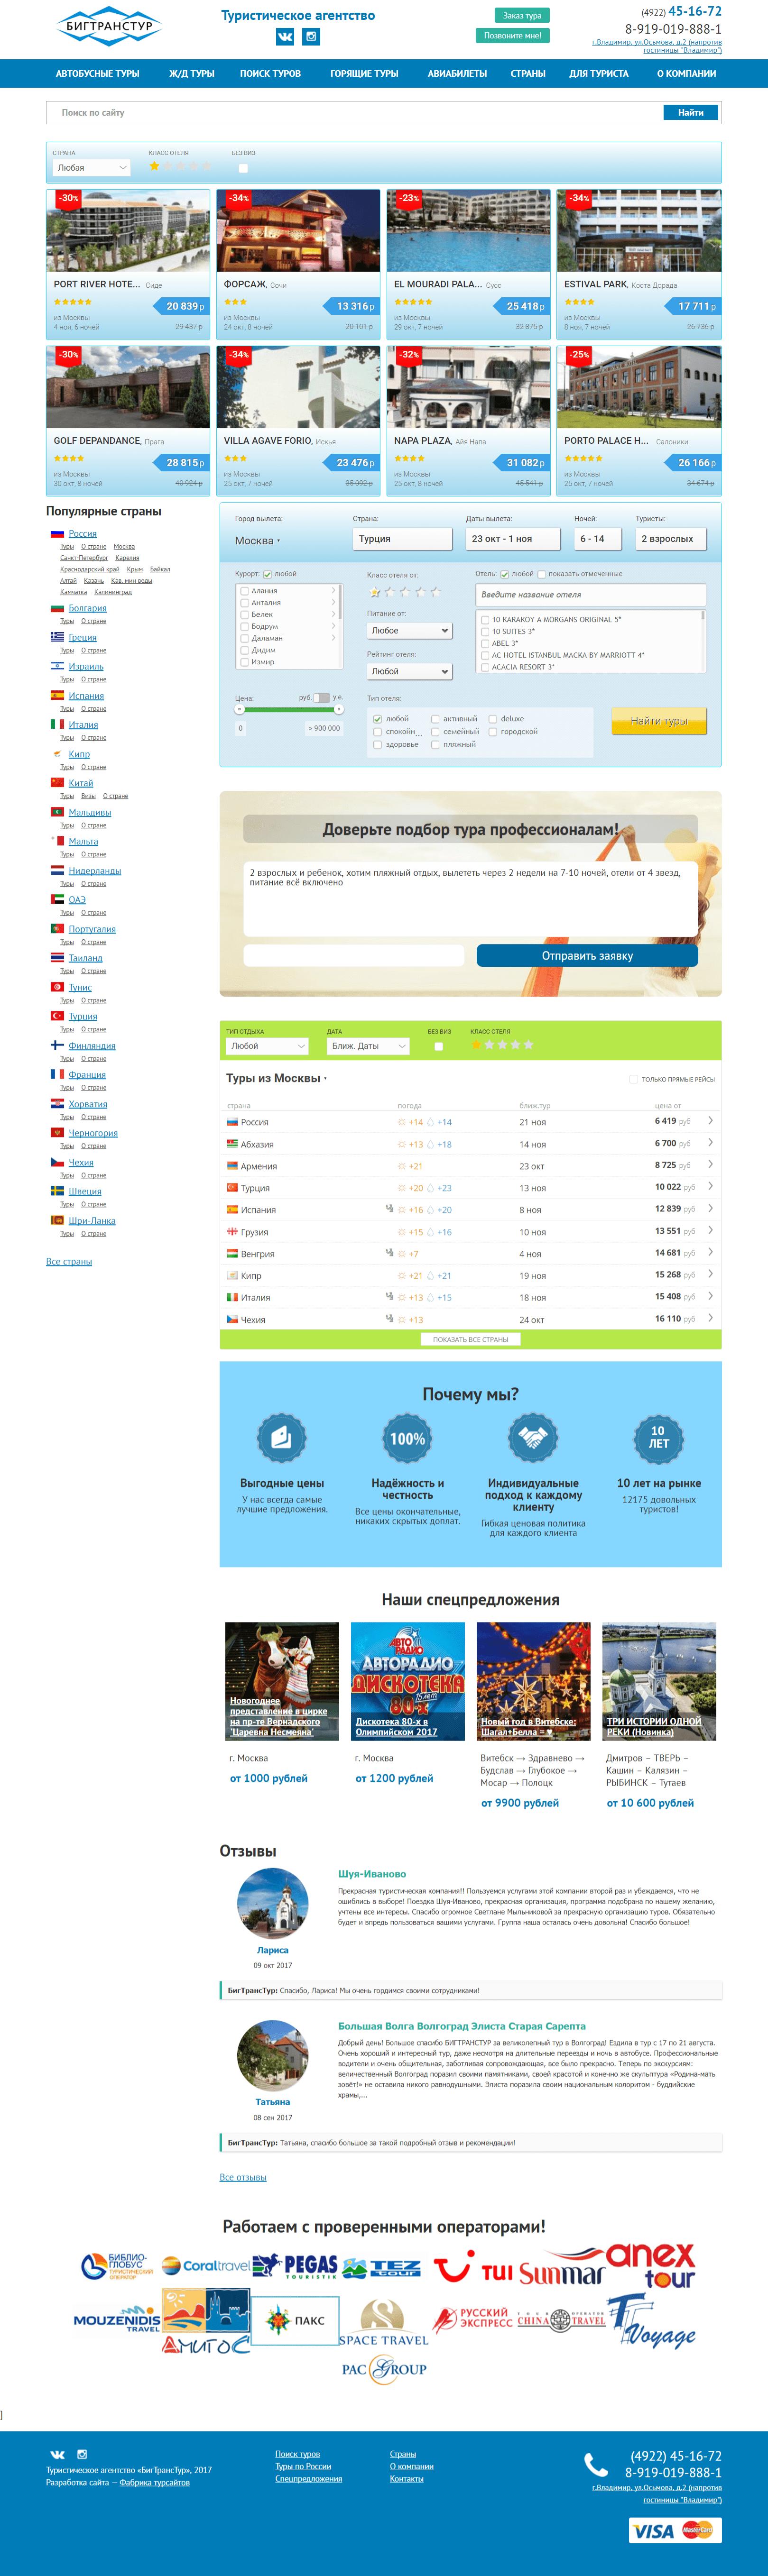 Где лучше рекламировать туристический сайт яндекс бурятия кабанск каменск реклама купить компьютер